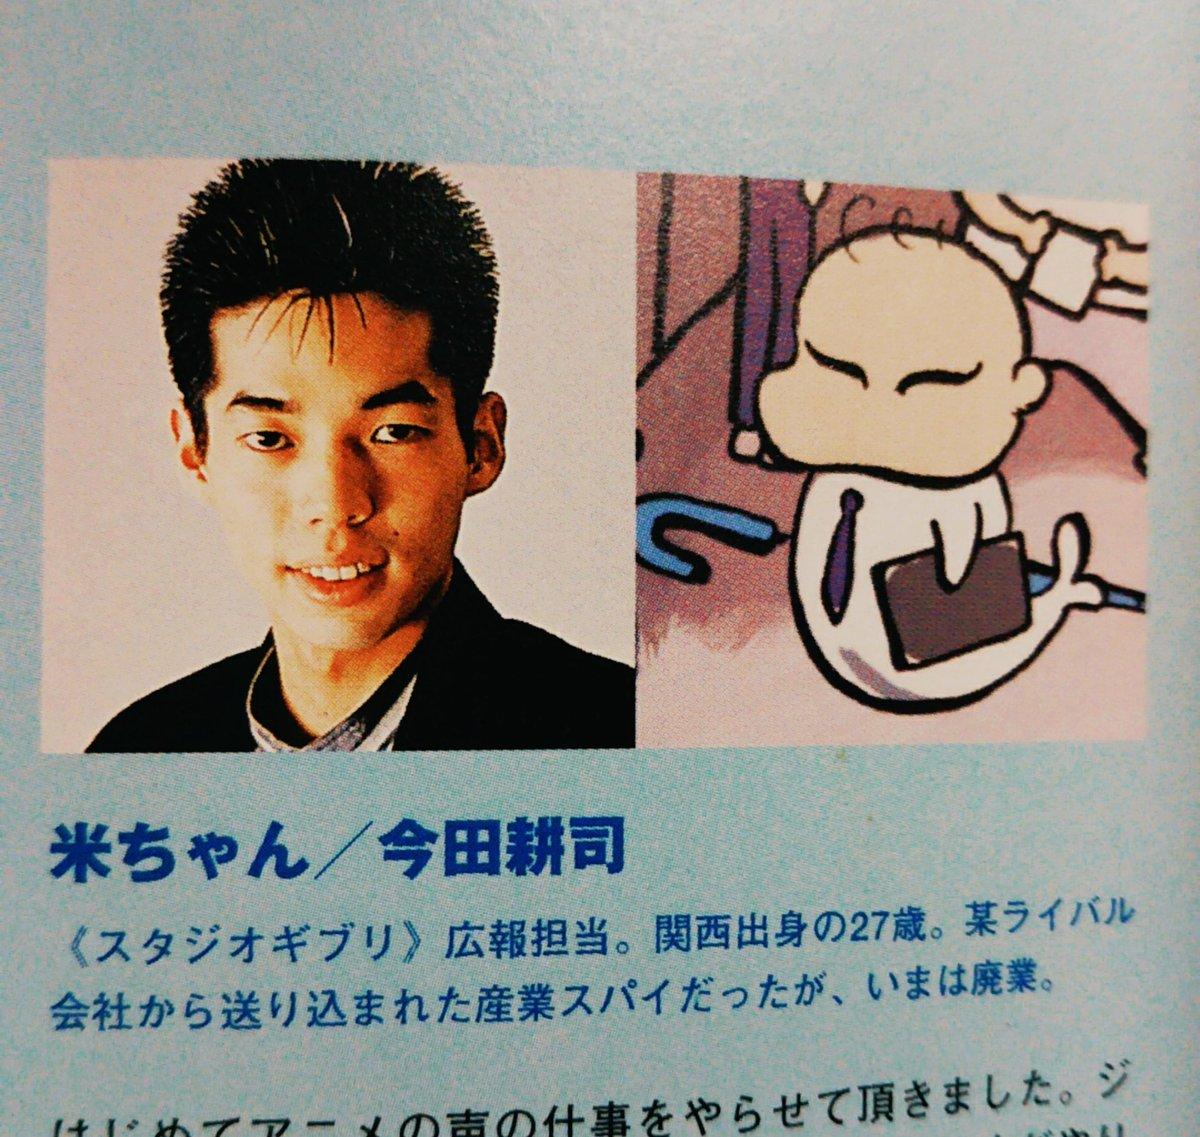 米ちゃんのデザインが一番好きなのに\u2026 pic.twitter.com/vJt7citifB